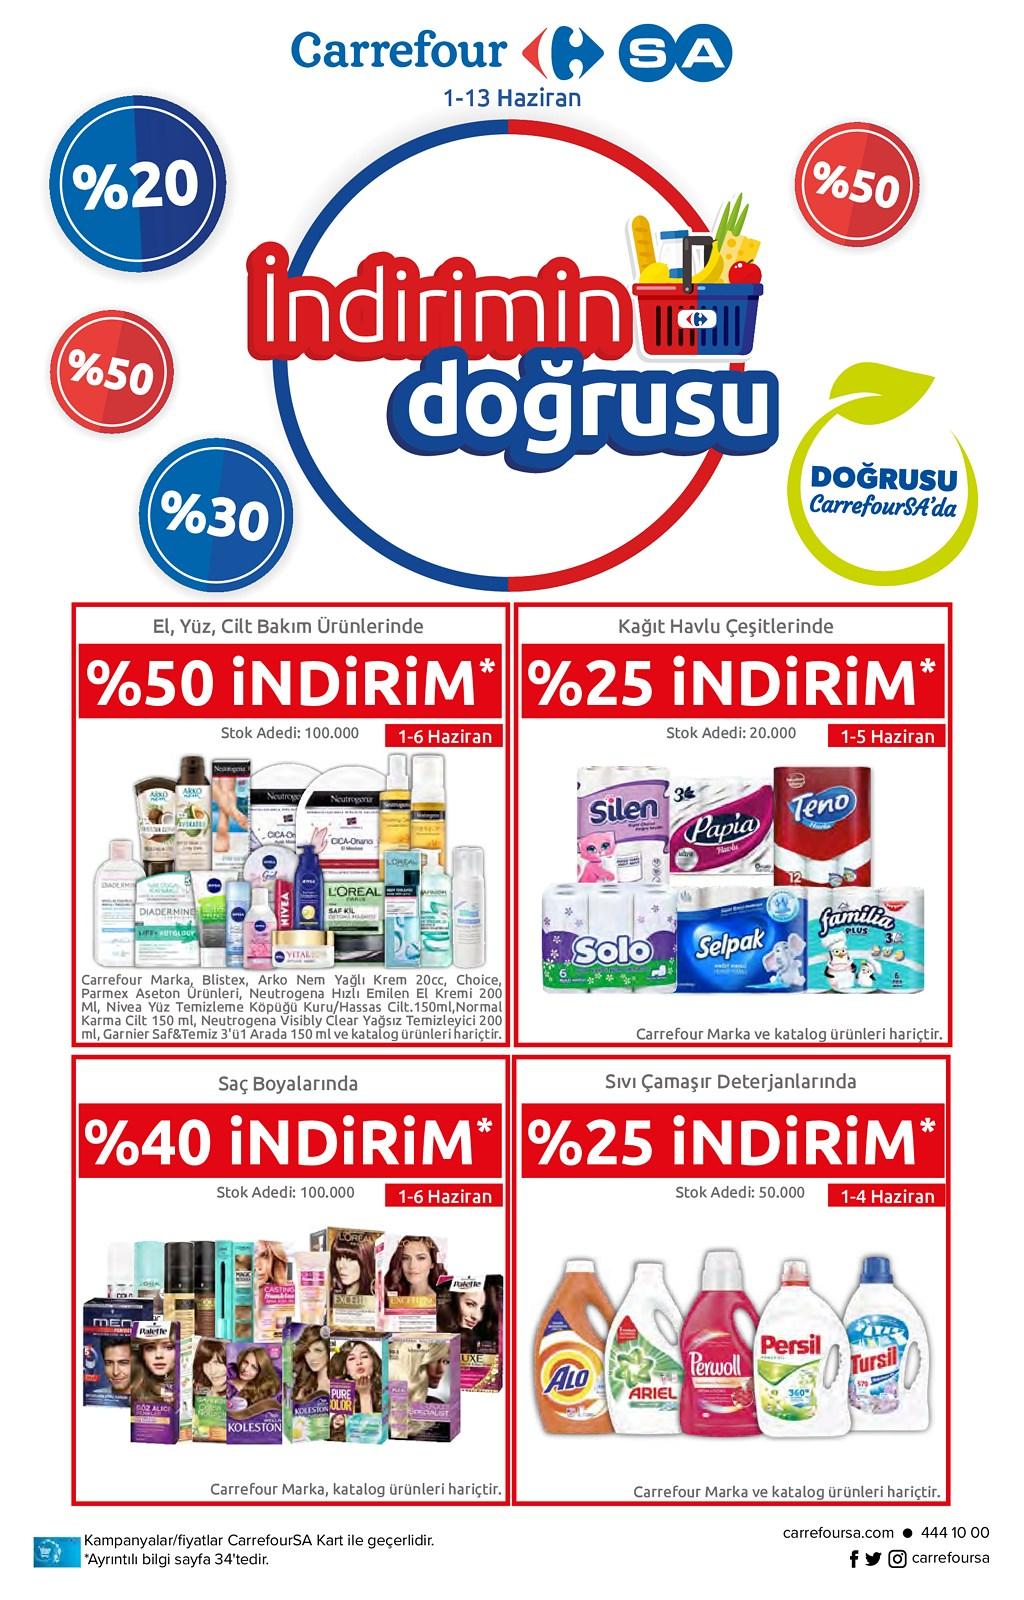 01.06.2021 CarrefourSA broşürü 1. sayfa